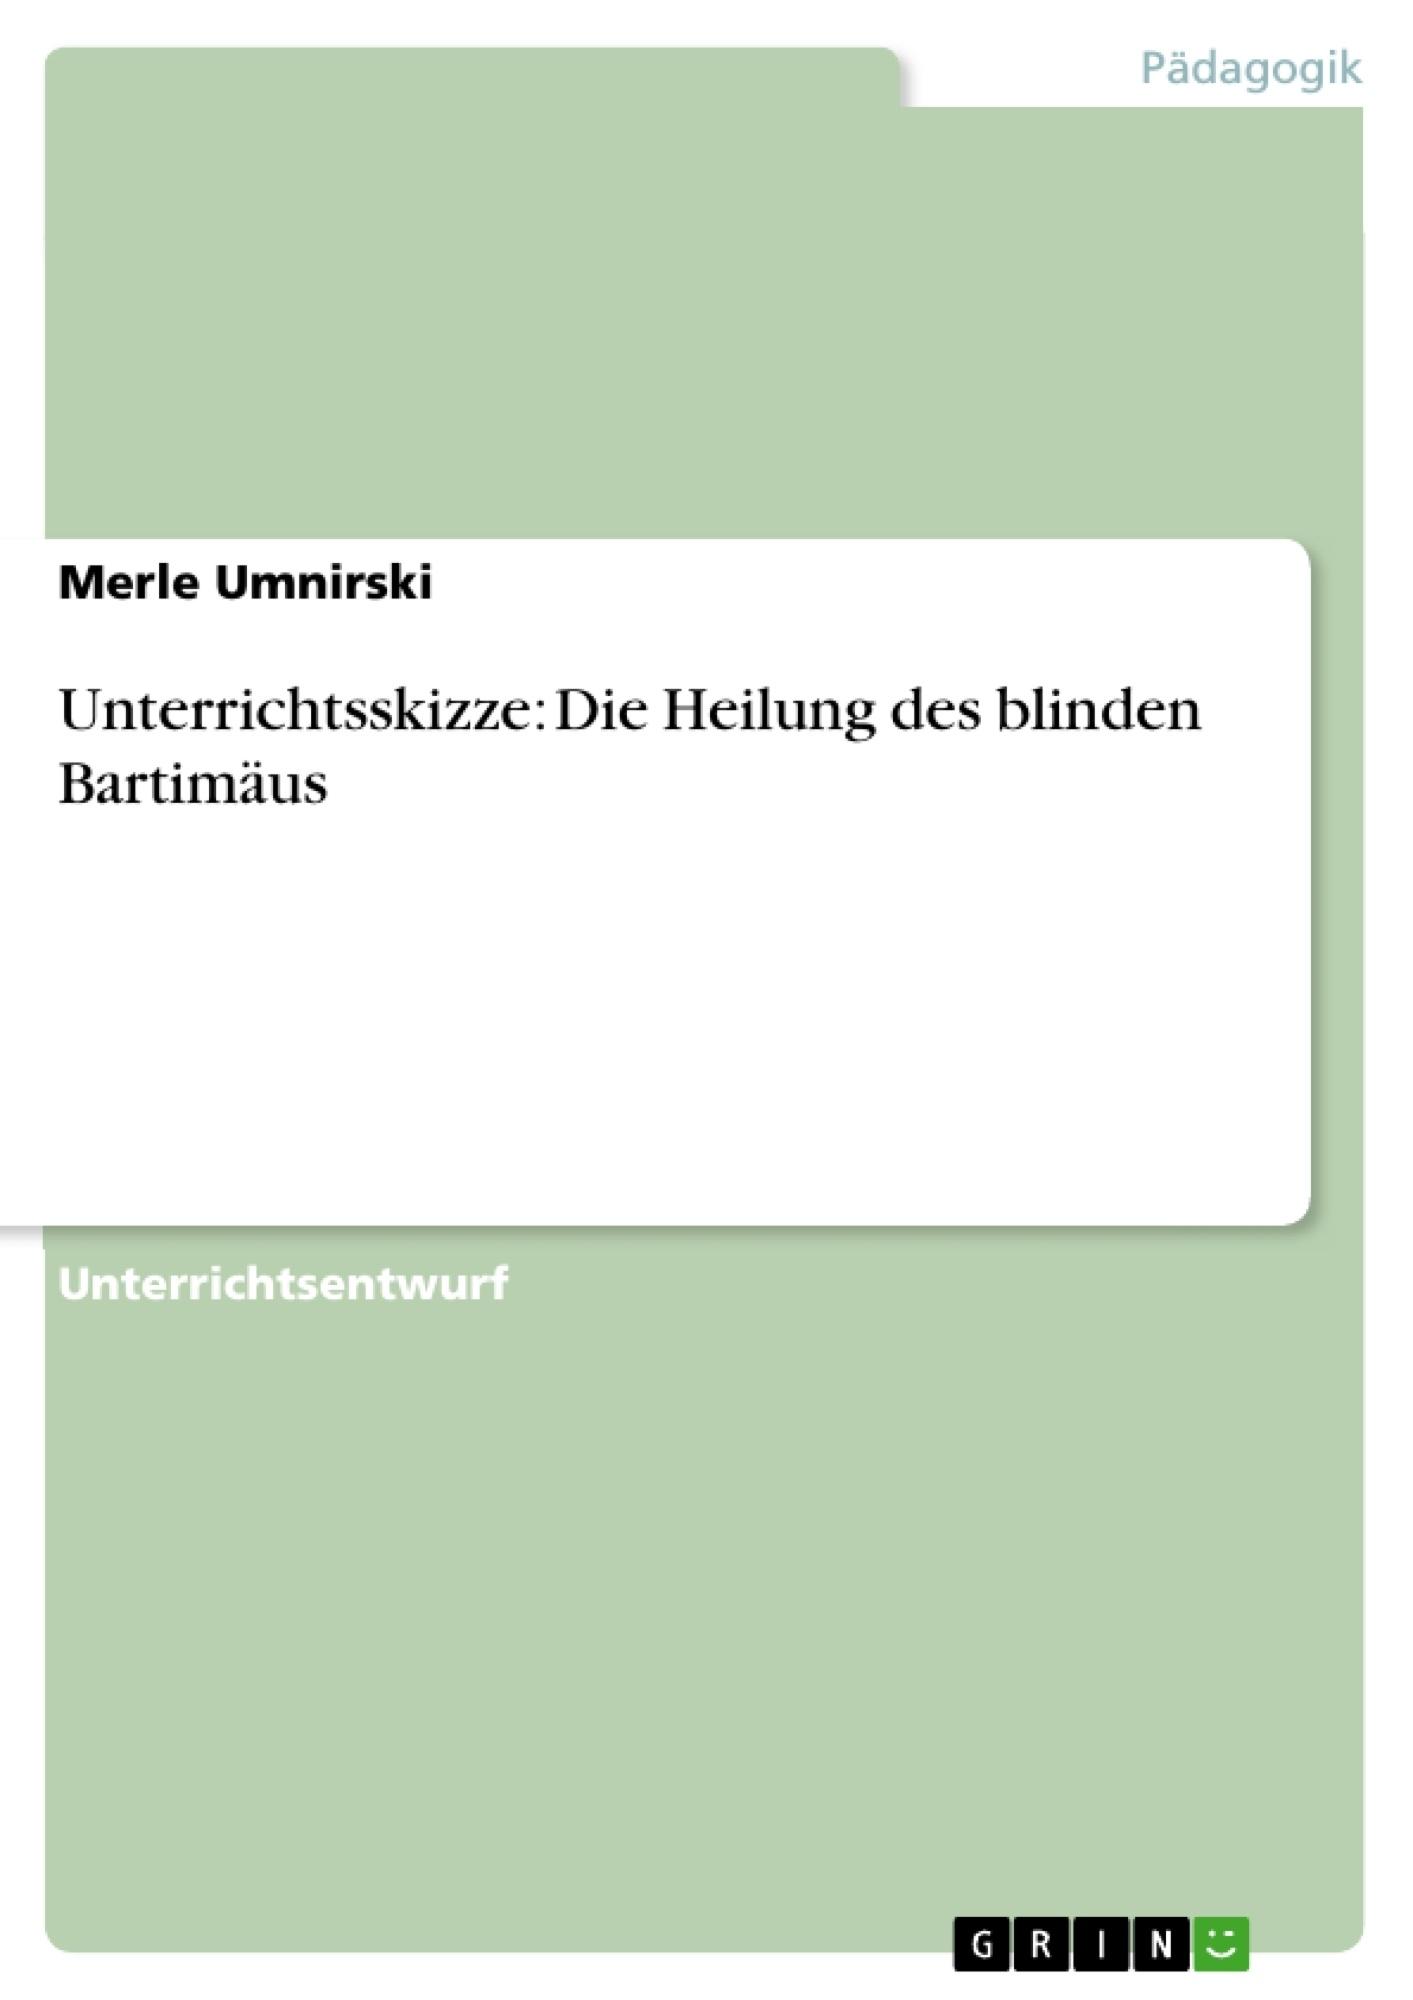 Titel: Unterrichtsskizze: Die Heilung des blinden Bartimäus